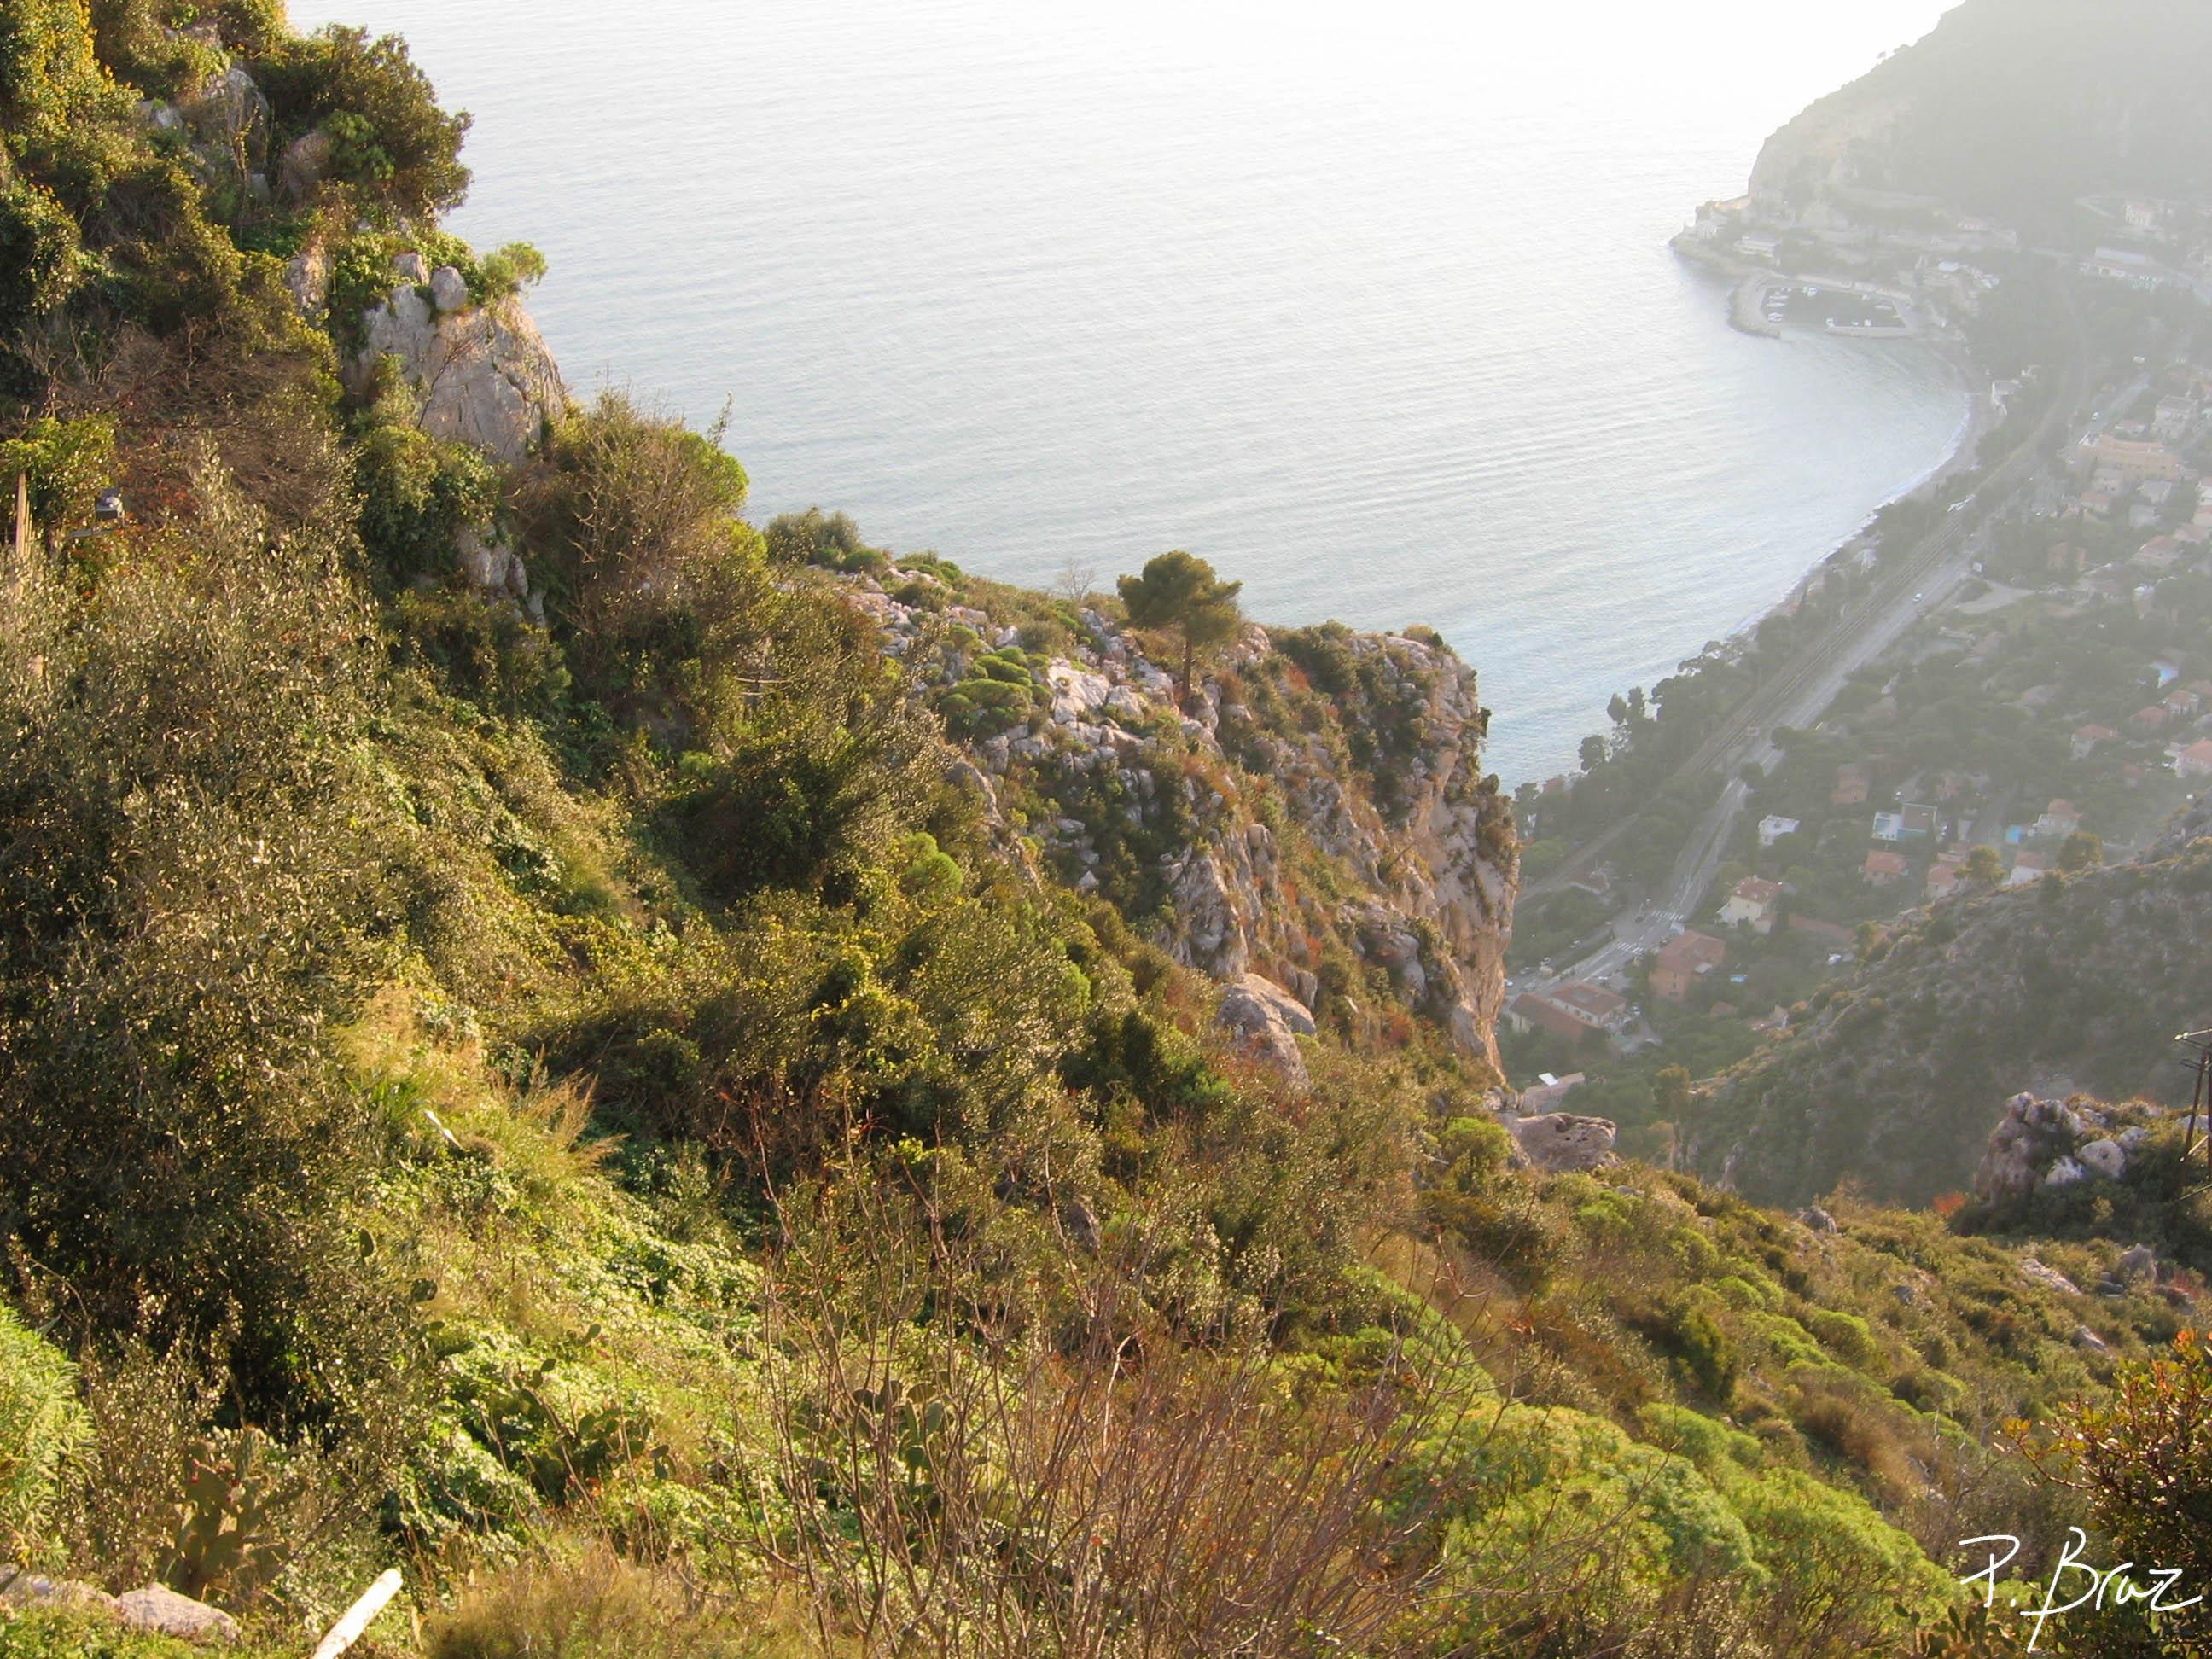 Eze - Mediterranean view